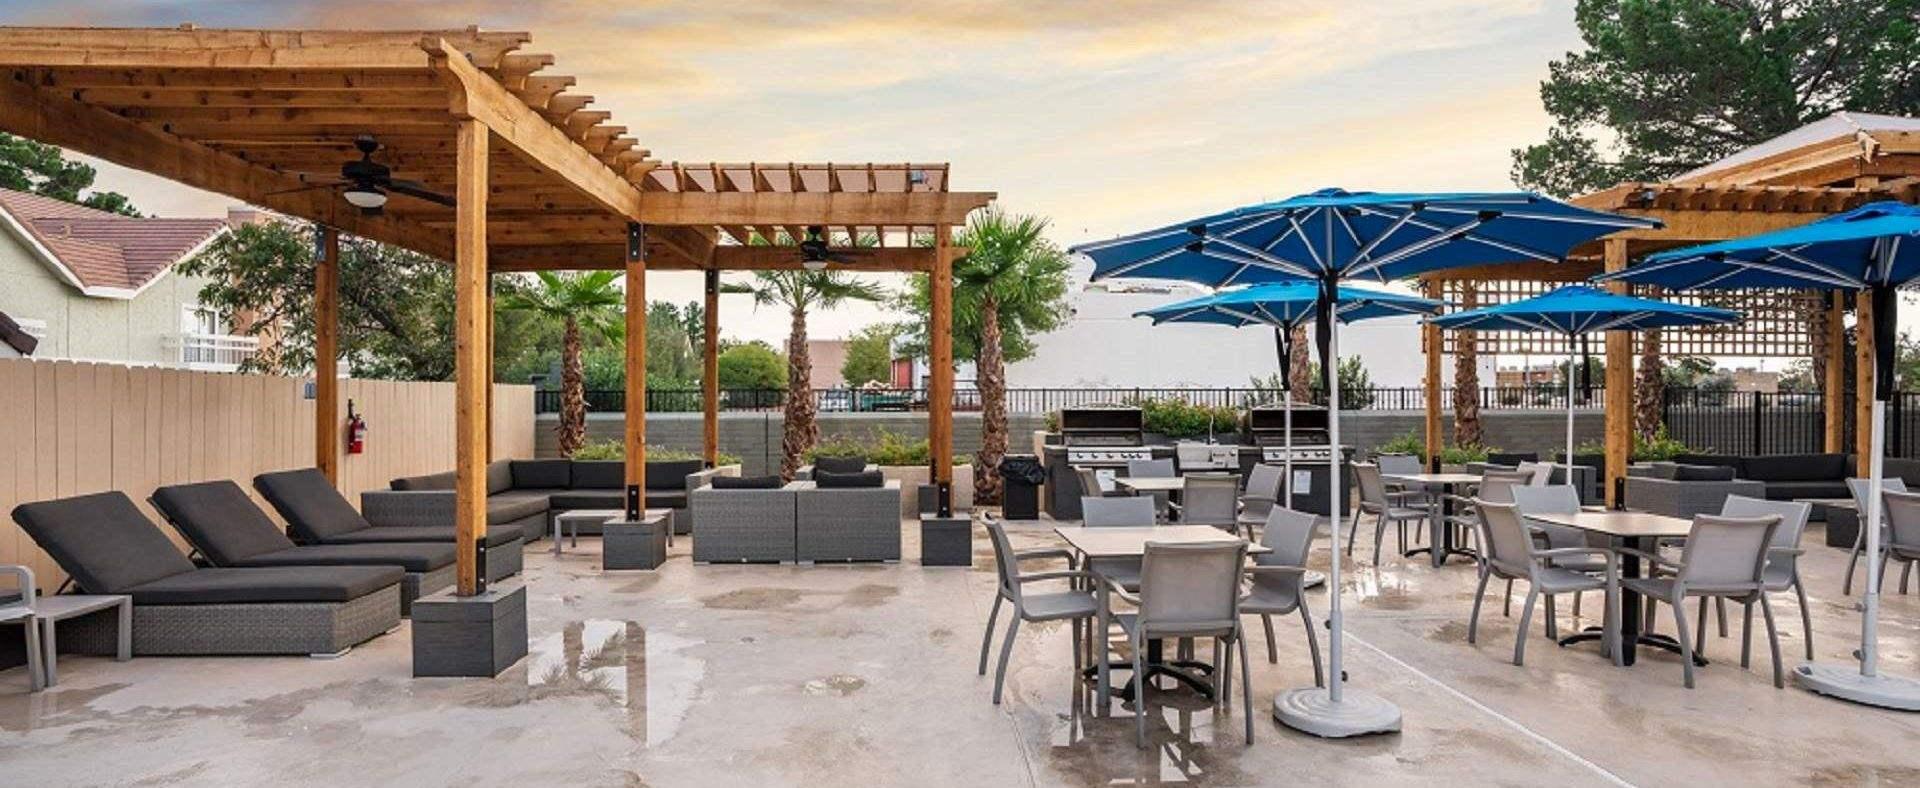 Chase Suite Hotel El Paso, Texas